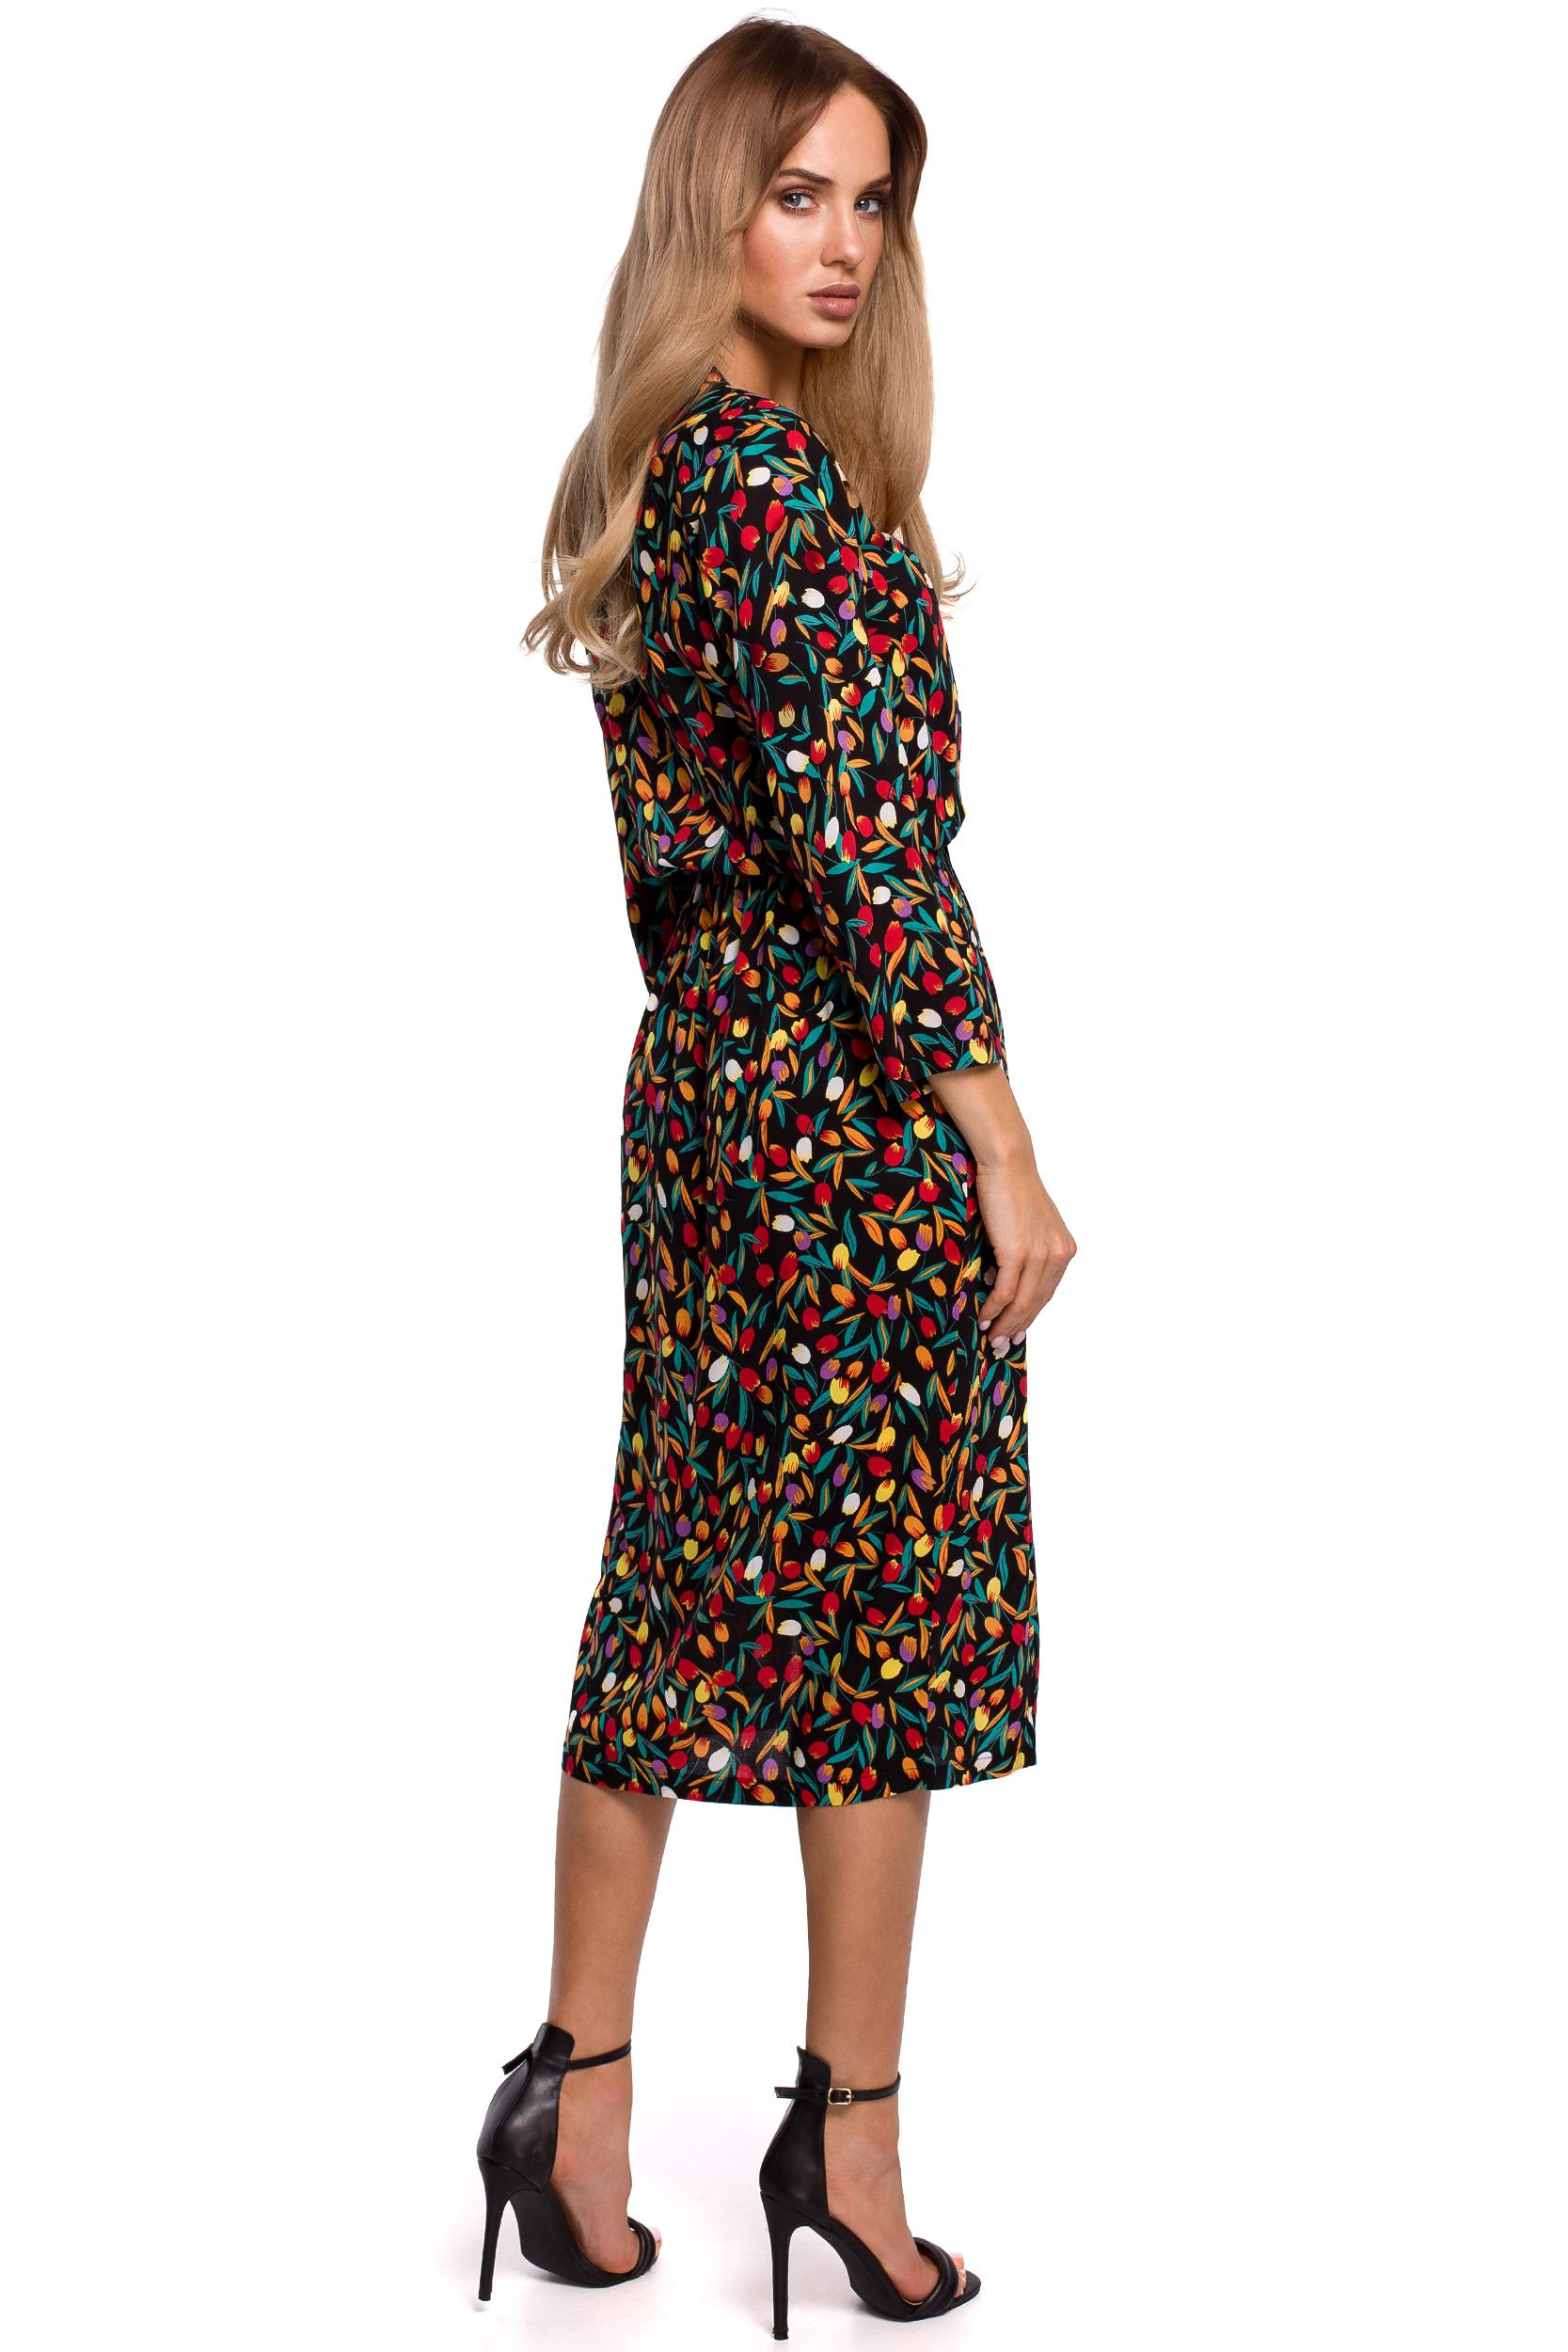 Blommig Midiklänning med 7/8 ärm